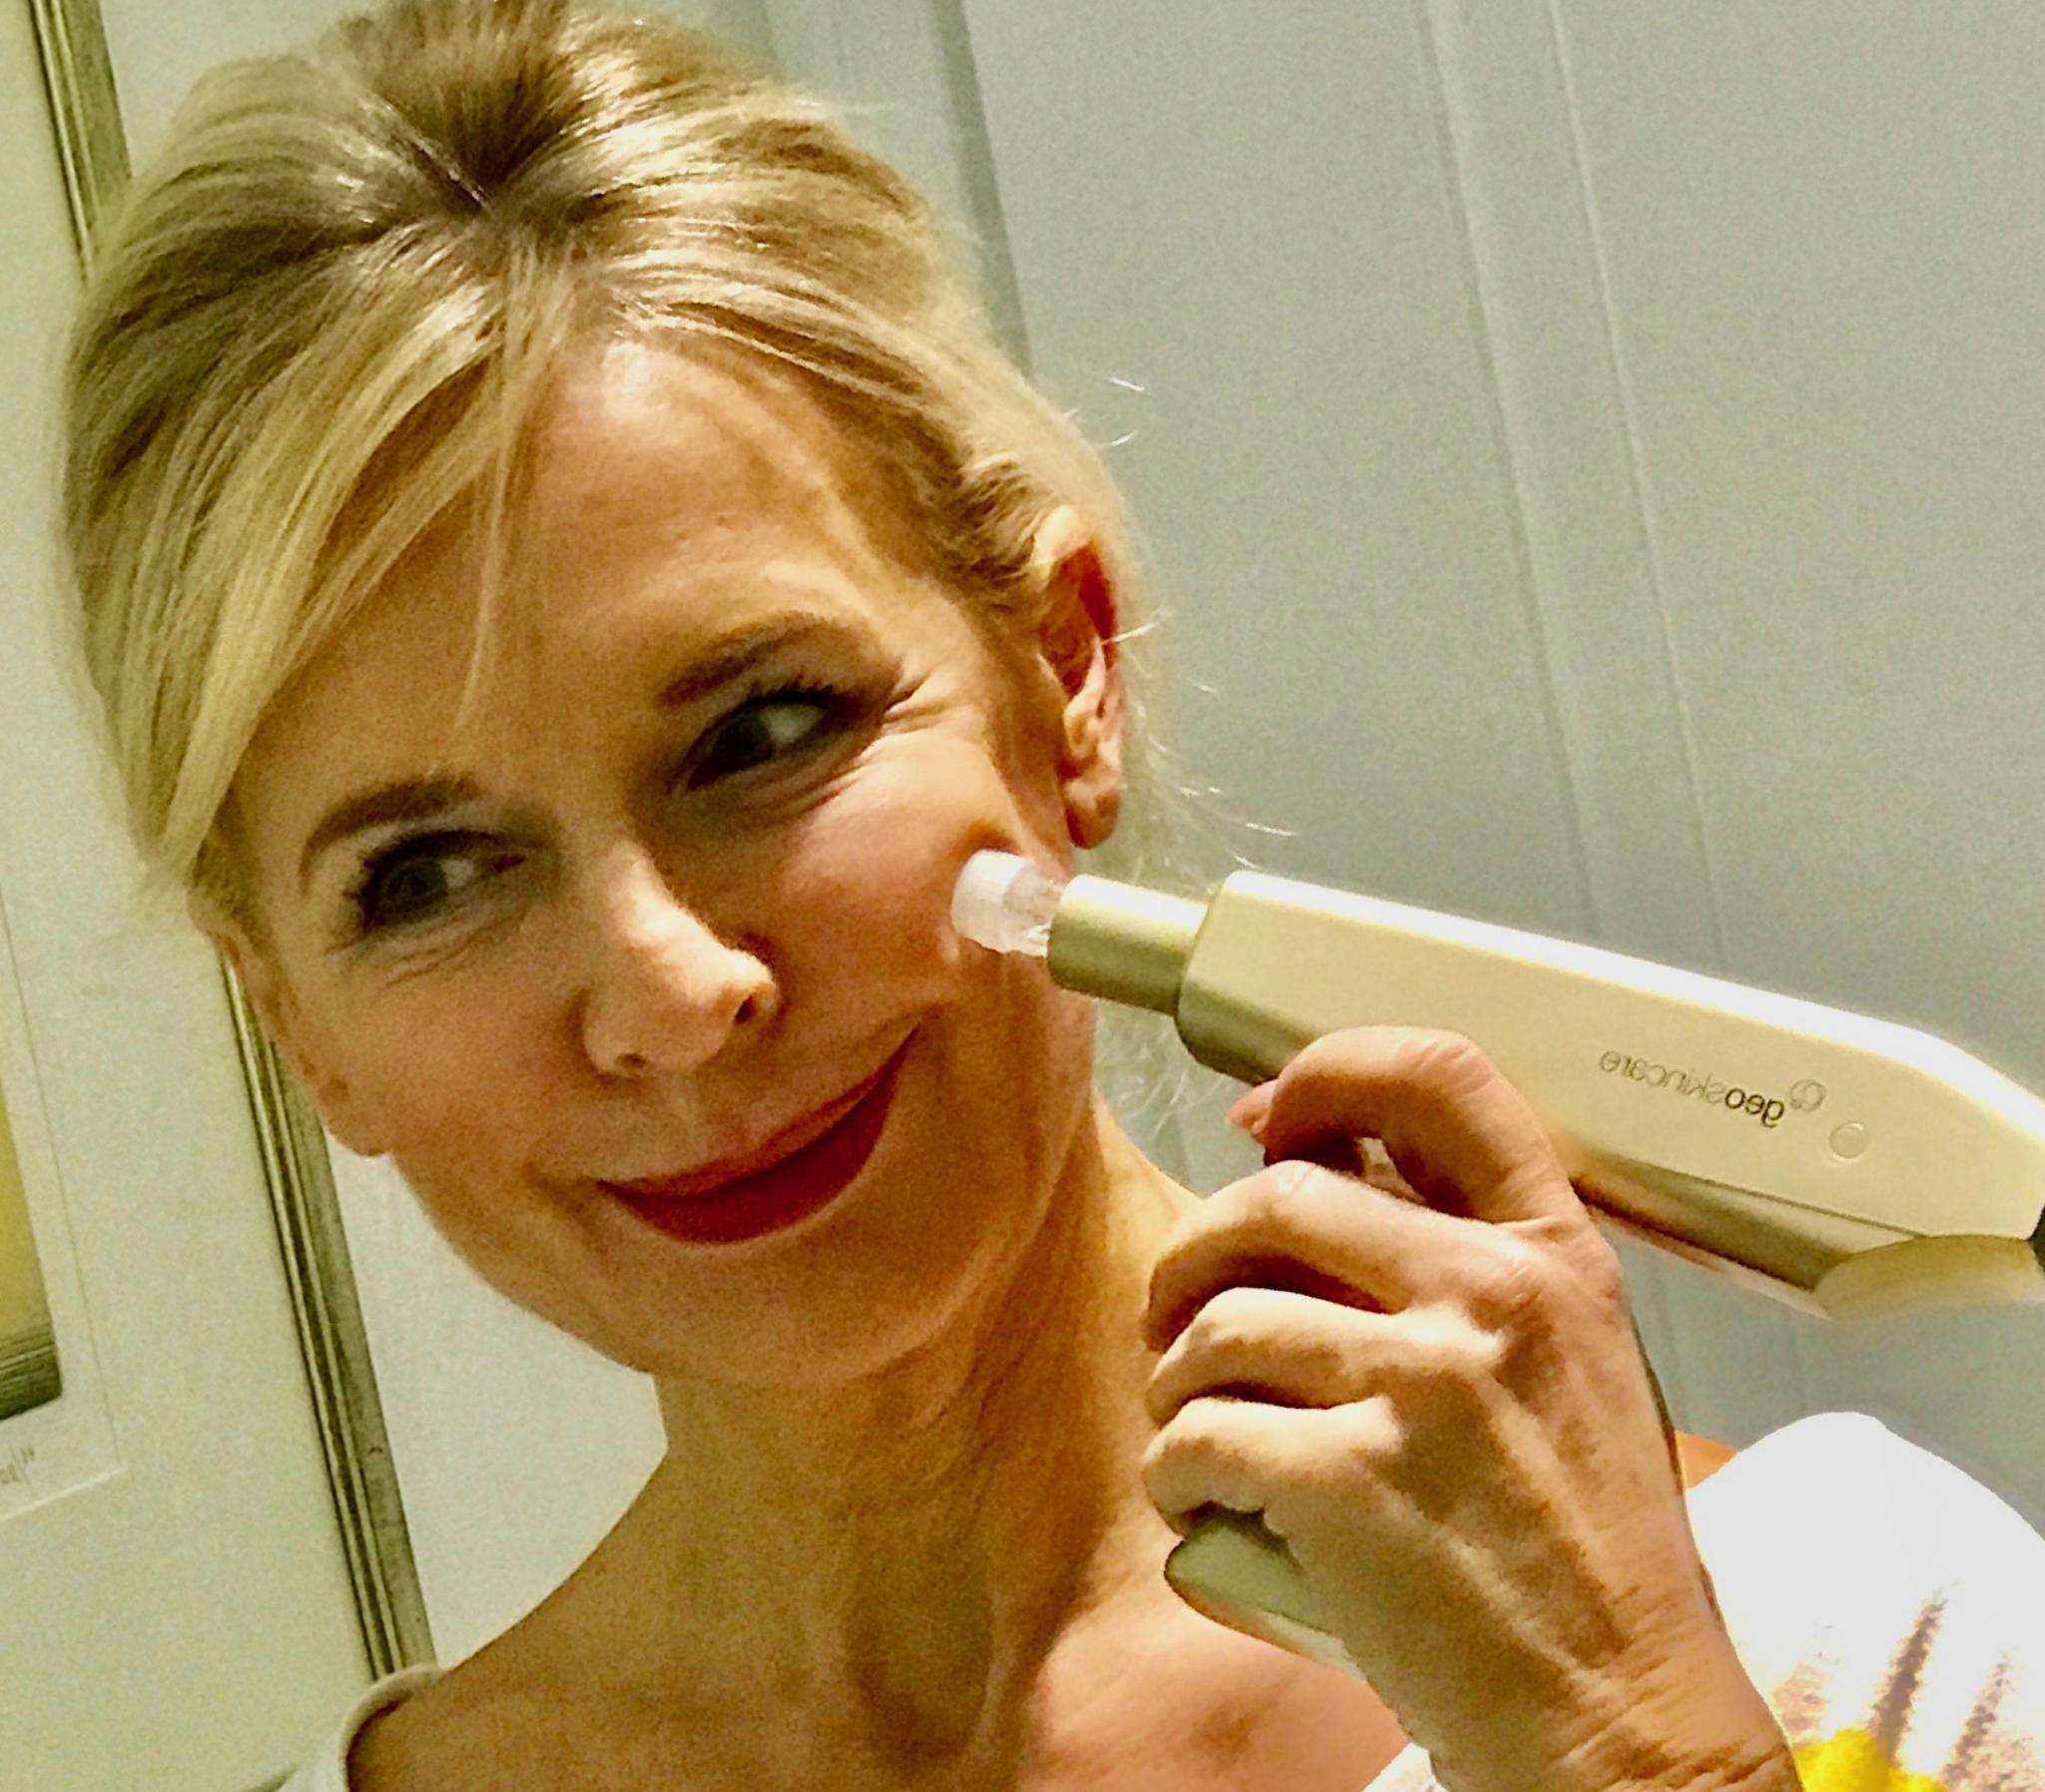 Bibi Horst, die Herausgeberin des Online Magazins Schokoladenjahre 45+ und Stilexpertin in Sachen Mode & Styling und Anti-Aging & Vitality, gibt wervolle Anti-Aging Tipps für Frauen ab 45.